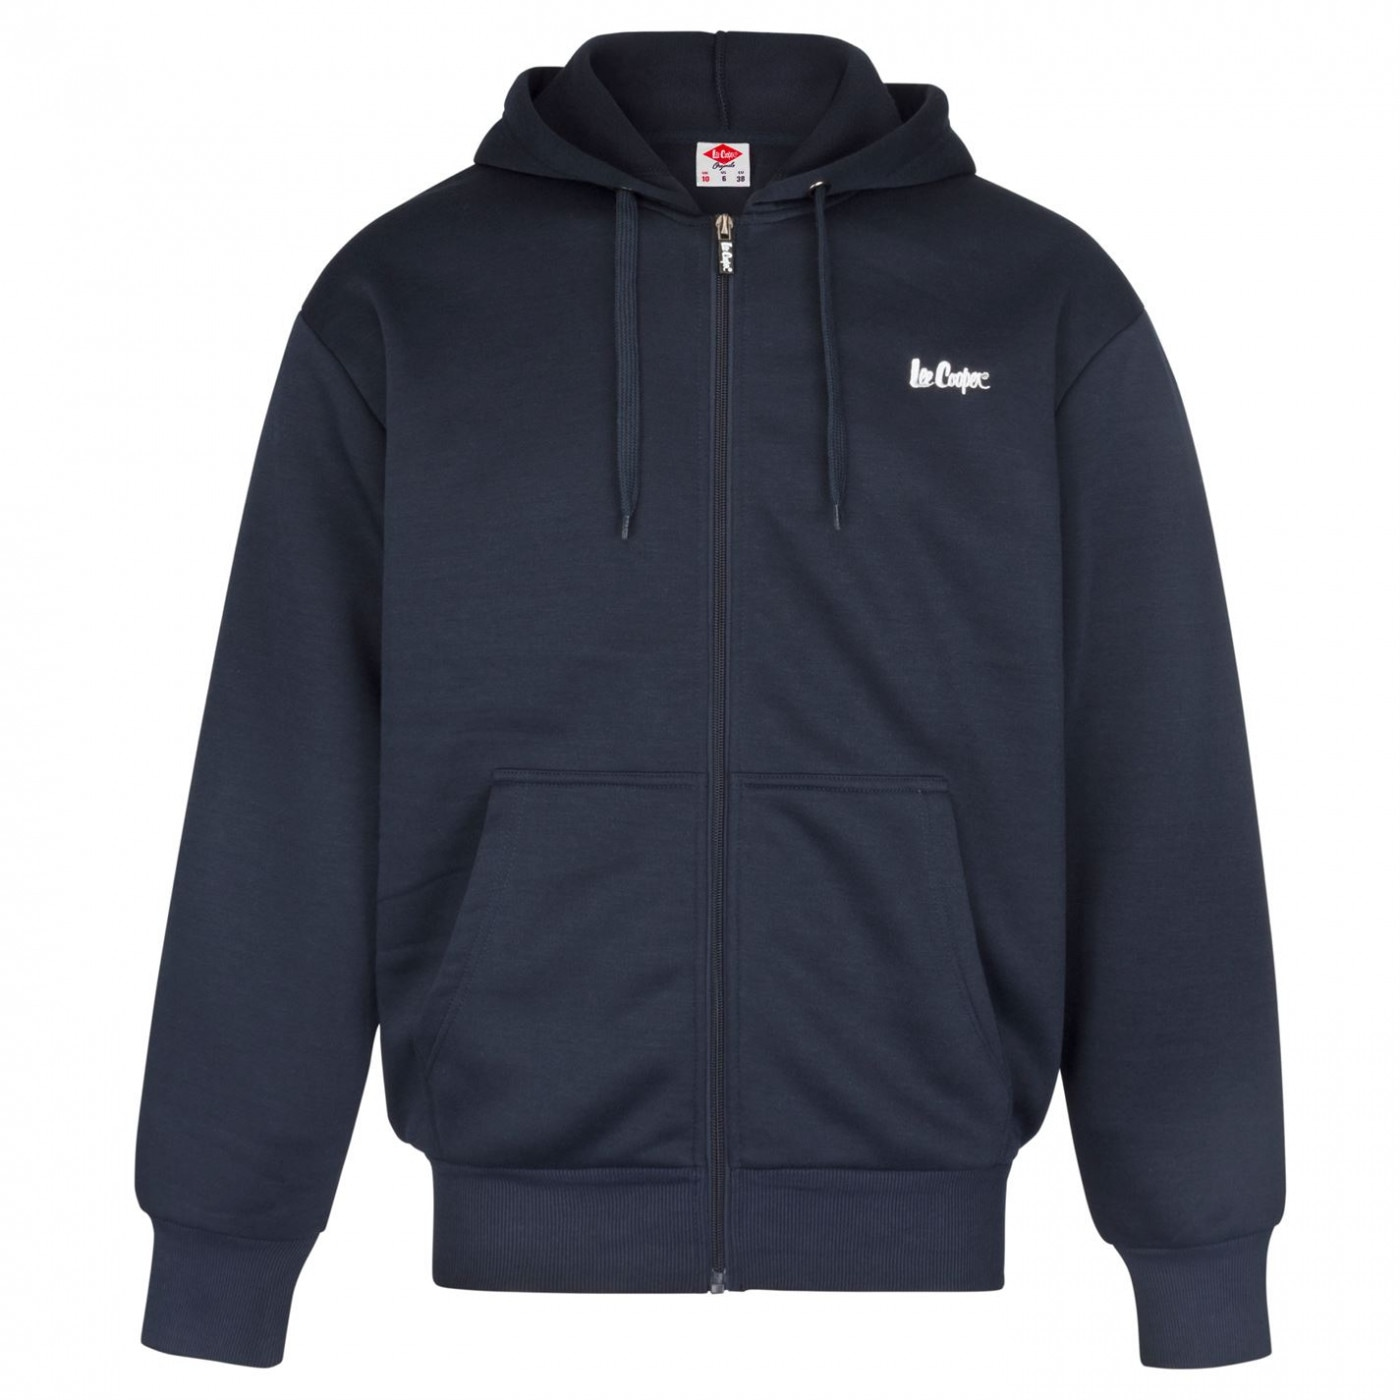 Women's sweatshirt Lee Cooper Zip Thru